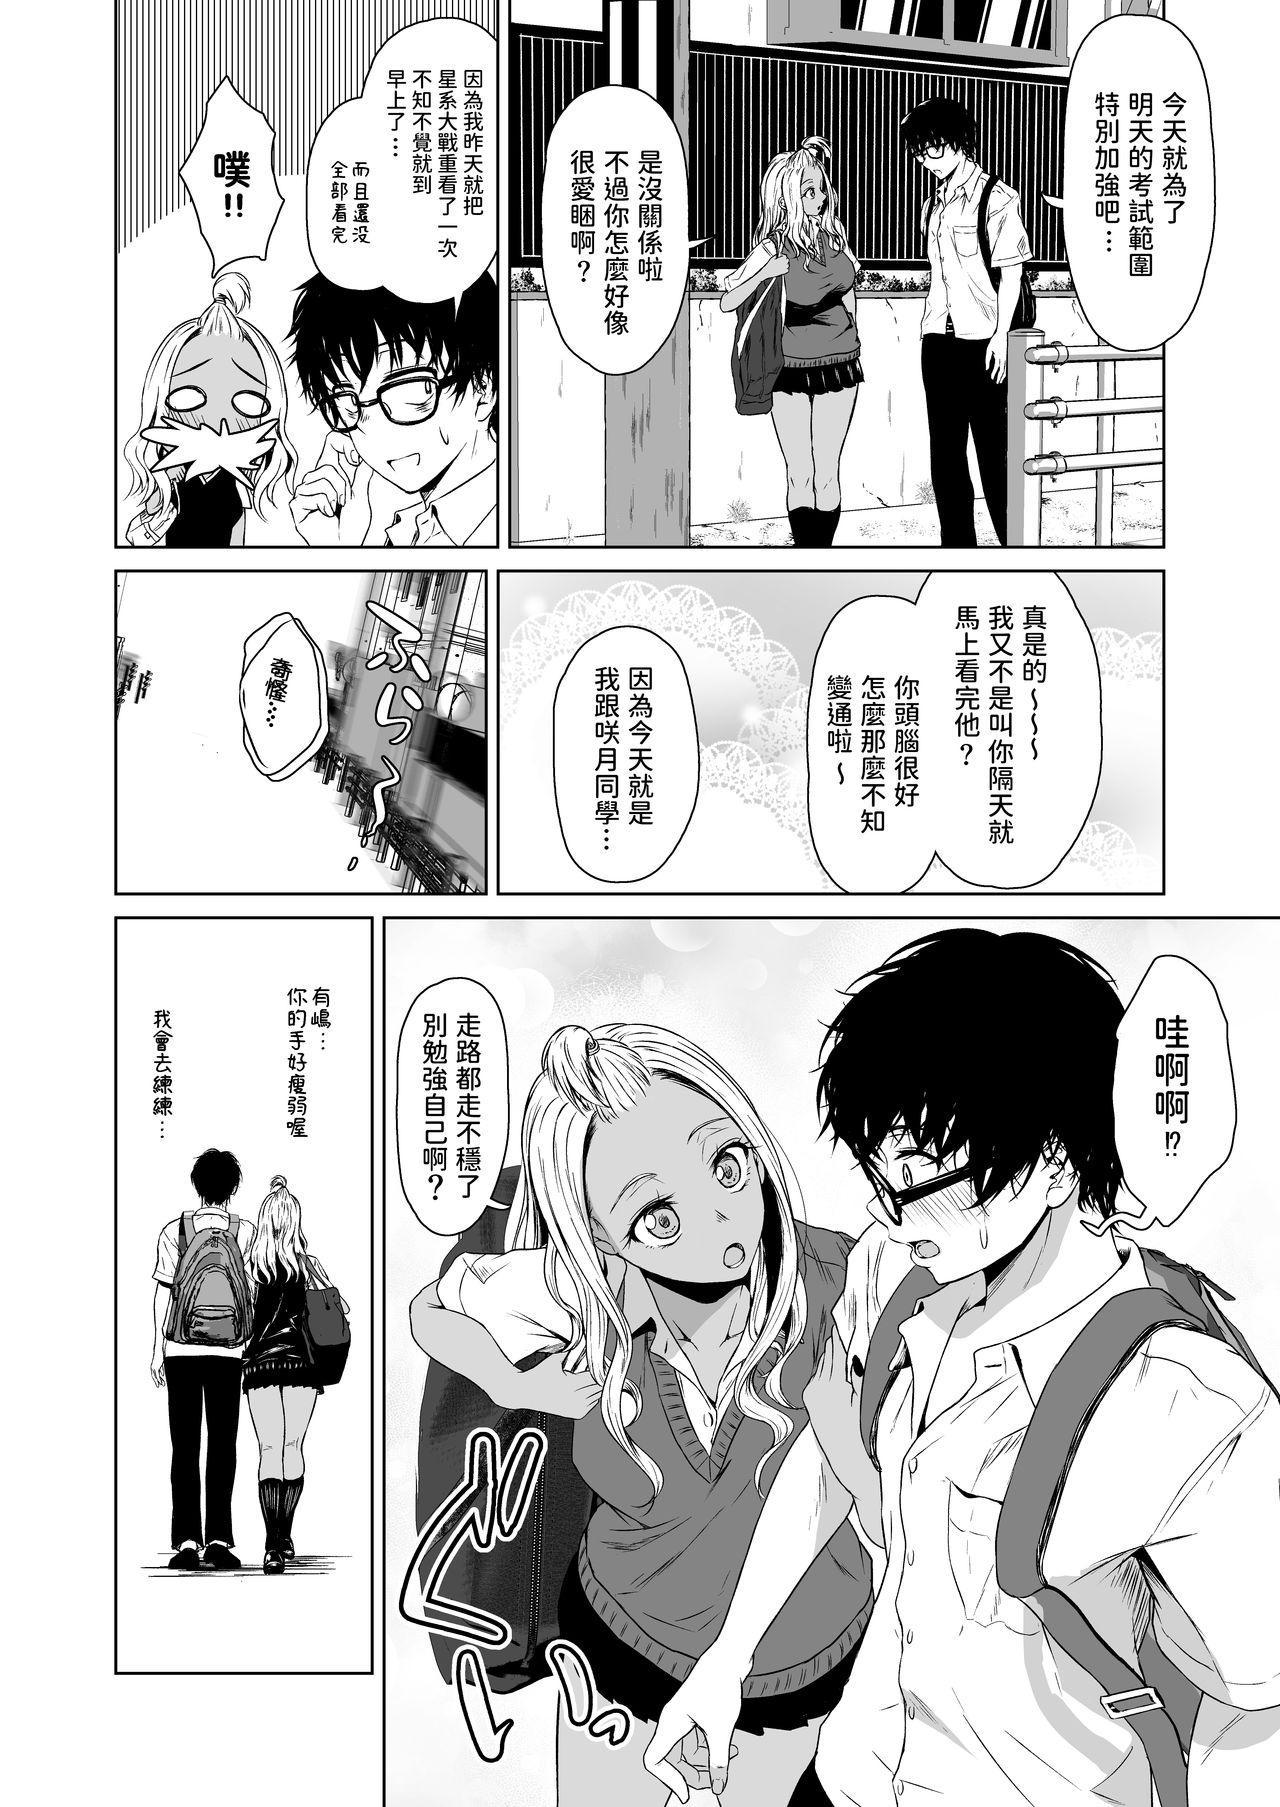 Gal to InCha no Kousai Shuukan. 21